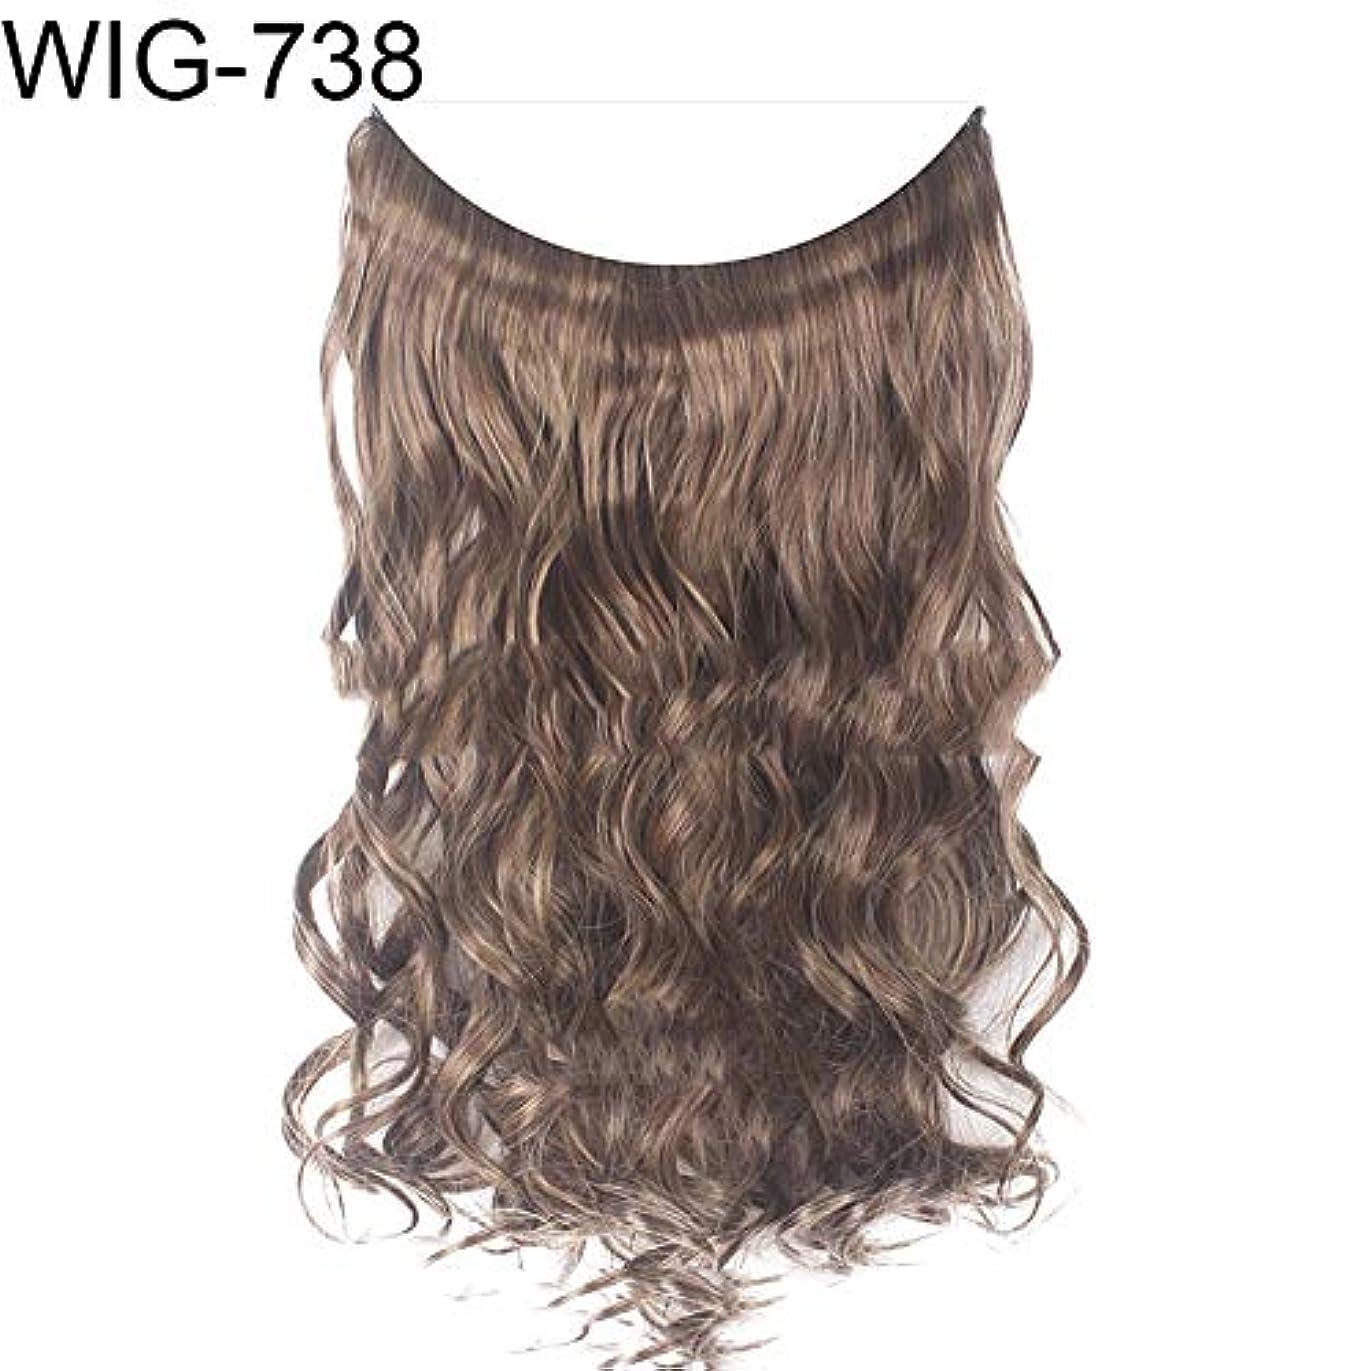 パステル批判する明らかslQinjiansav女性ウィッグ修理ツール女性高温繊維長いストレートカーリーウィッグヘアエクステンションヘアピース